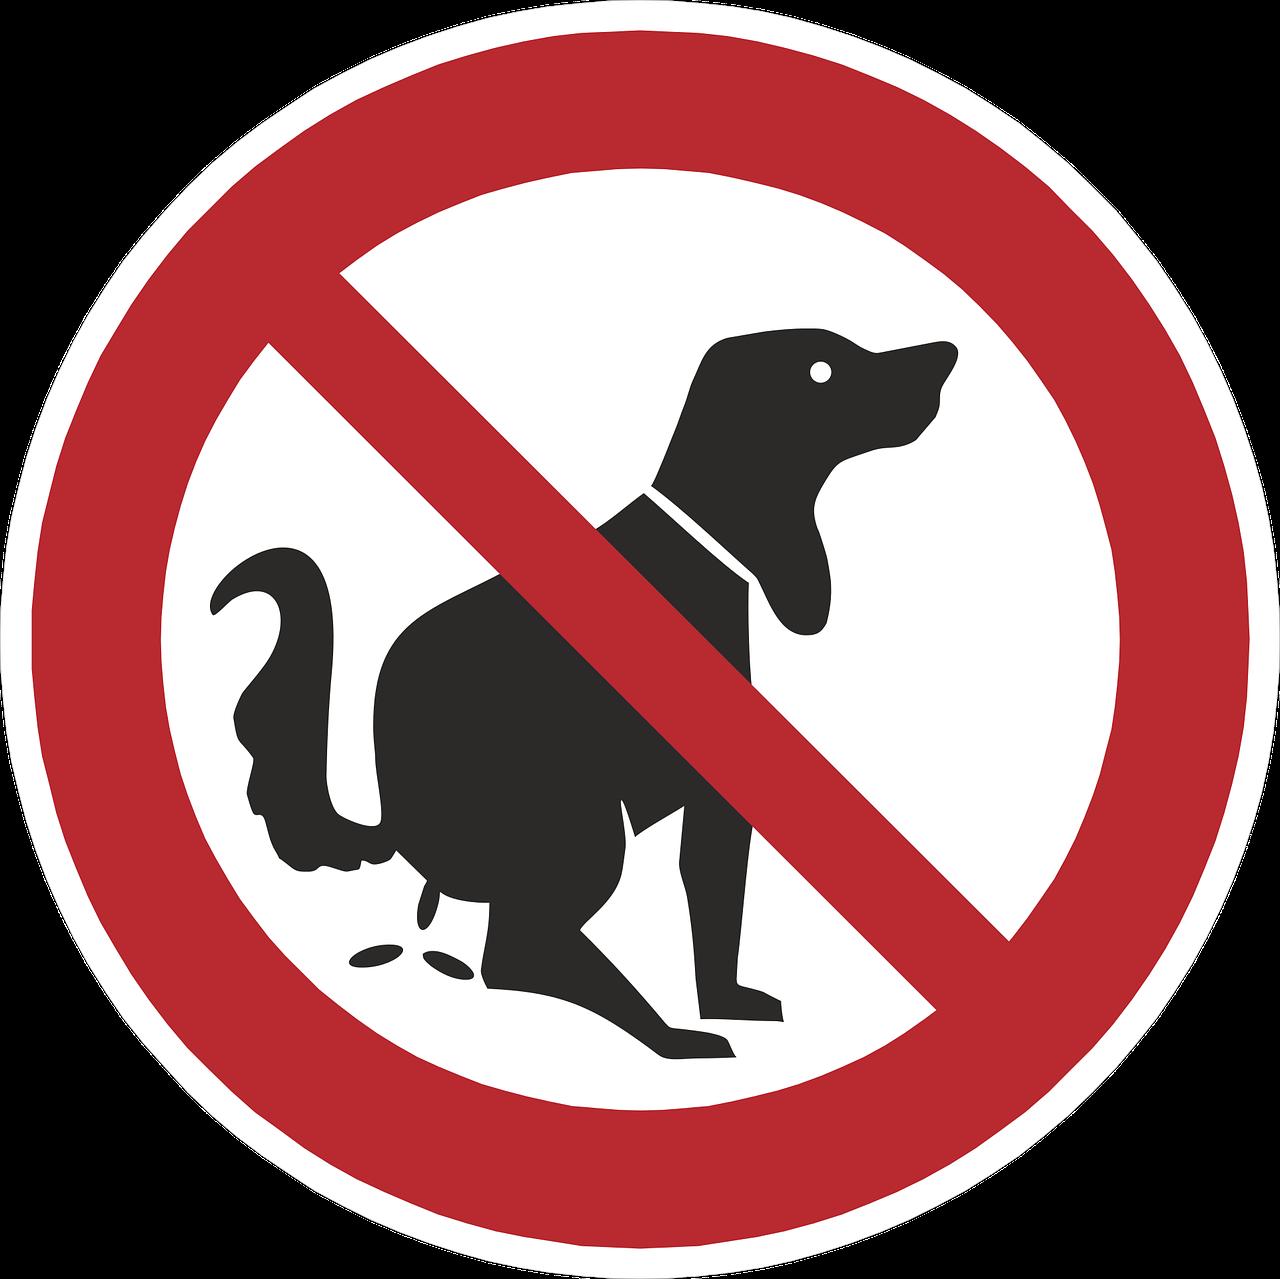 Преподавателям картинки, смешная картинка с собаками гулять запрещено